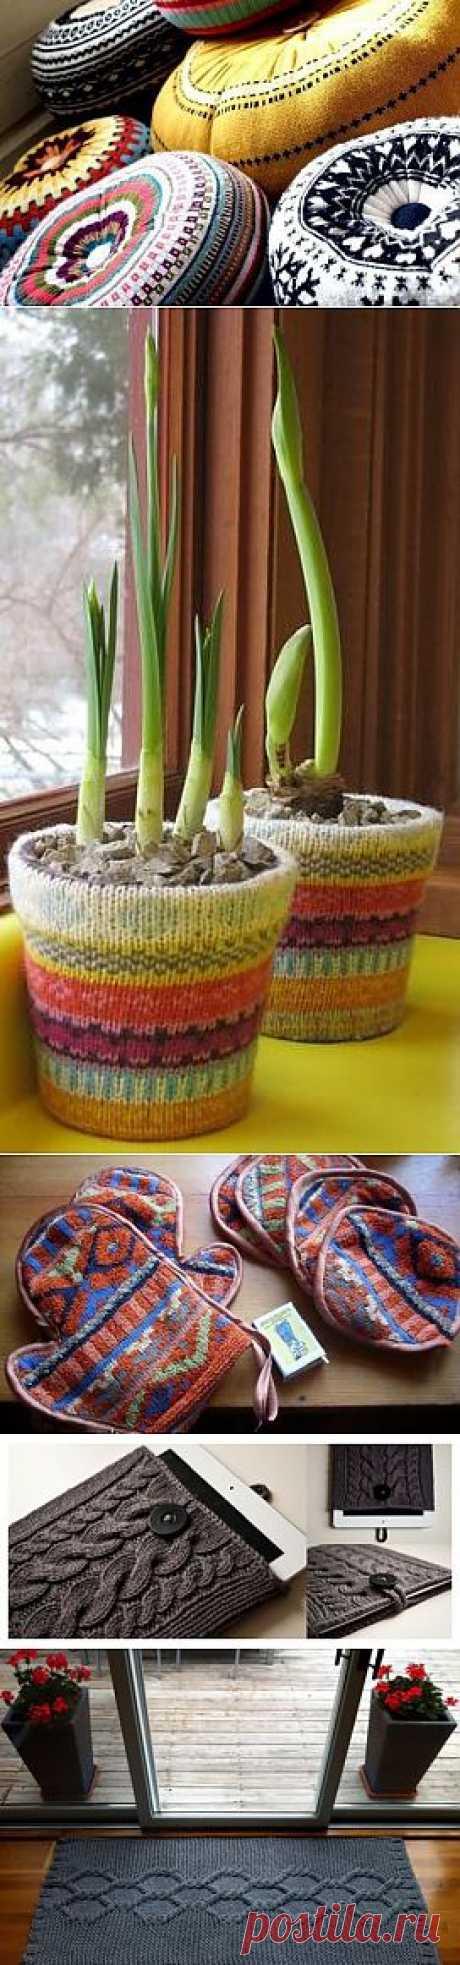 18 причин не выбрасывать старый свитер: уютные поделки своими руками